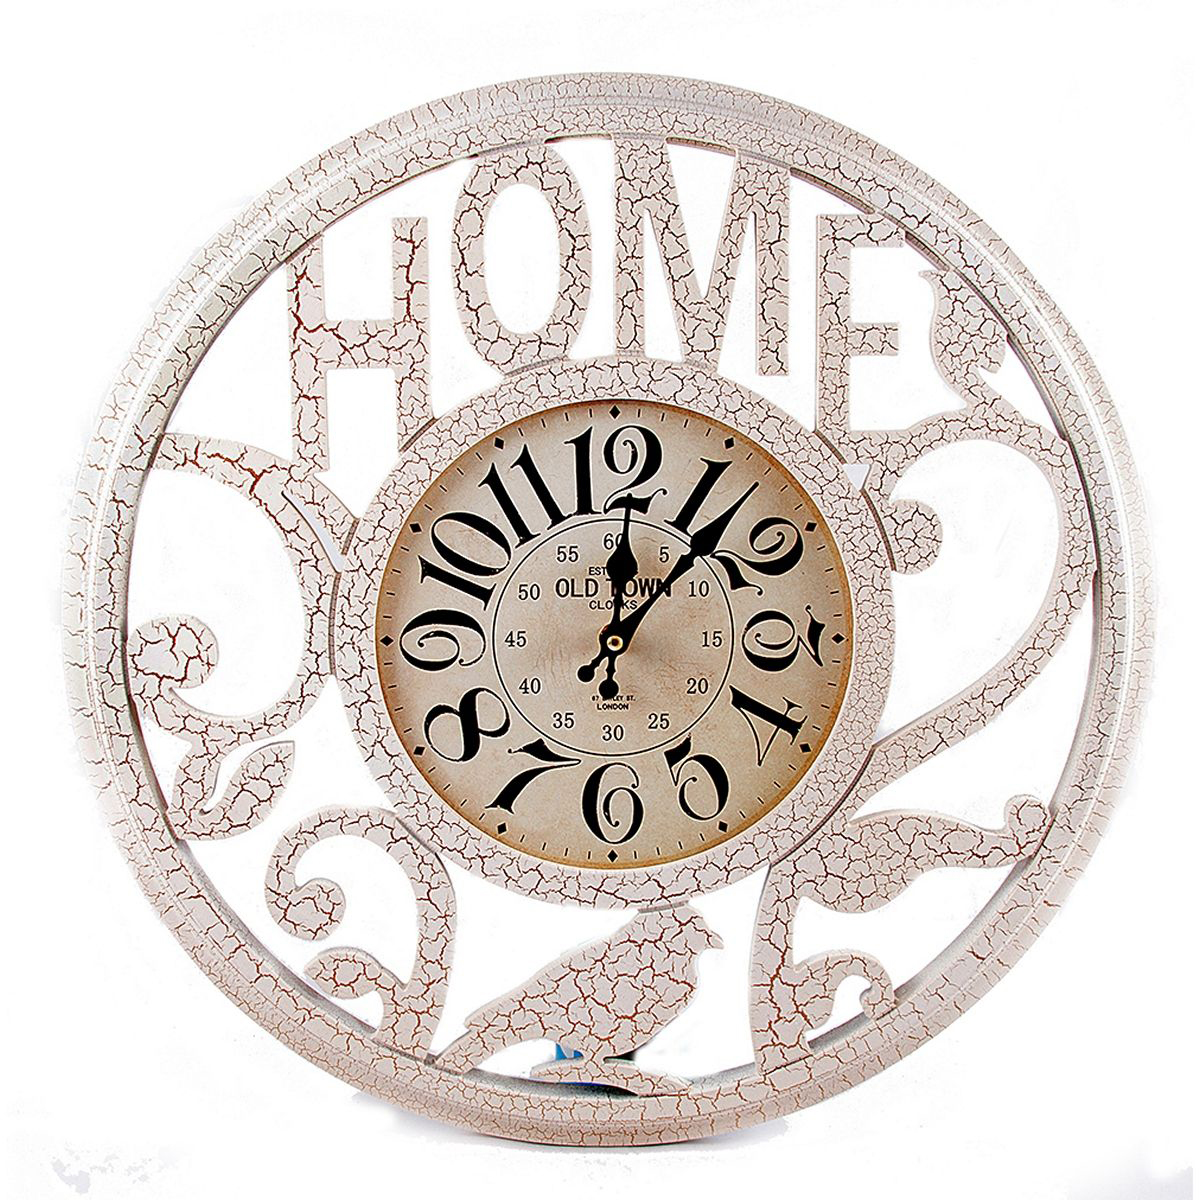 Часы настенные Русские Подарки, 50 х 50 х 5 см. 29624300074_ежевикаНастенные кварцевые часы Русские Подарки изготовлены из МДФ. Корпус оформлен узорами и надписью Home. Часы имеют две стрелки - часовую и минутную. С обратной стороны имеетсяпетелька для подвешивания на стену.Изящные часы красиво и оригинально оформят интерьер дома или офиса. Также часы могут стать уникальным, полезным подарком для родственников, коллег, знакомых и близких.Часы работают от батареек типа АА (в комплект не входят).